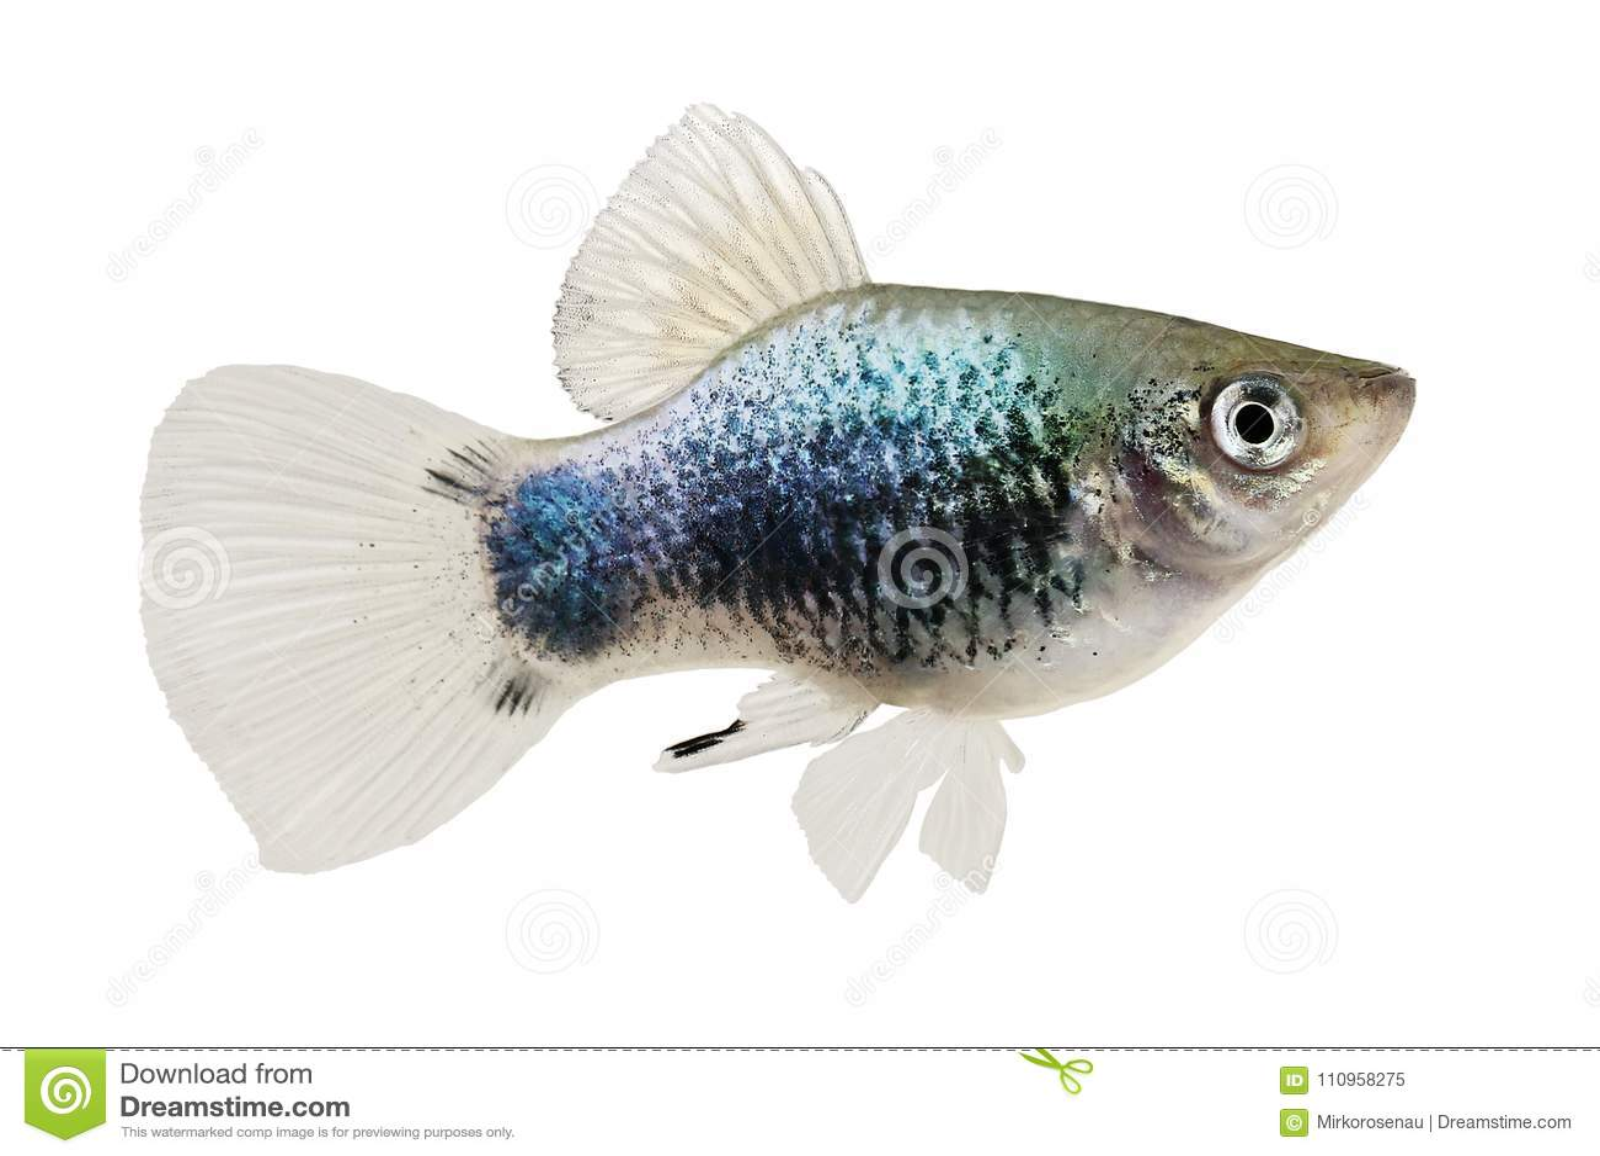 新月鱼霓虹蓝色令科之鸟Xiphophorus Maculatus米老鼠新月鱼水族馆鱼